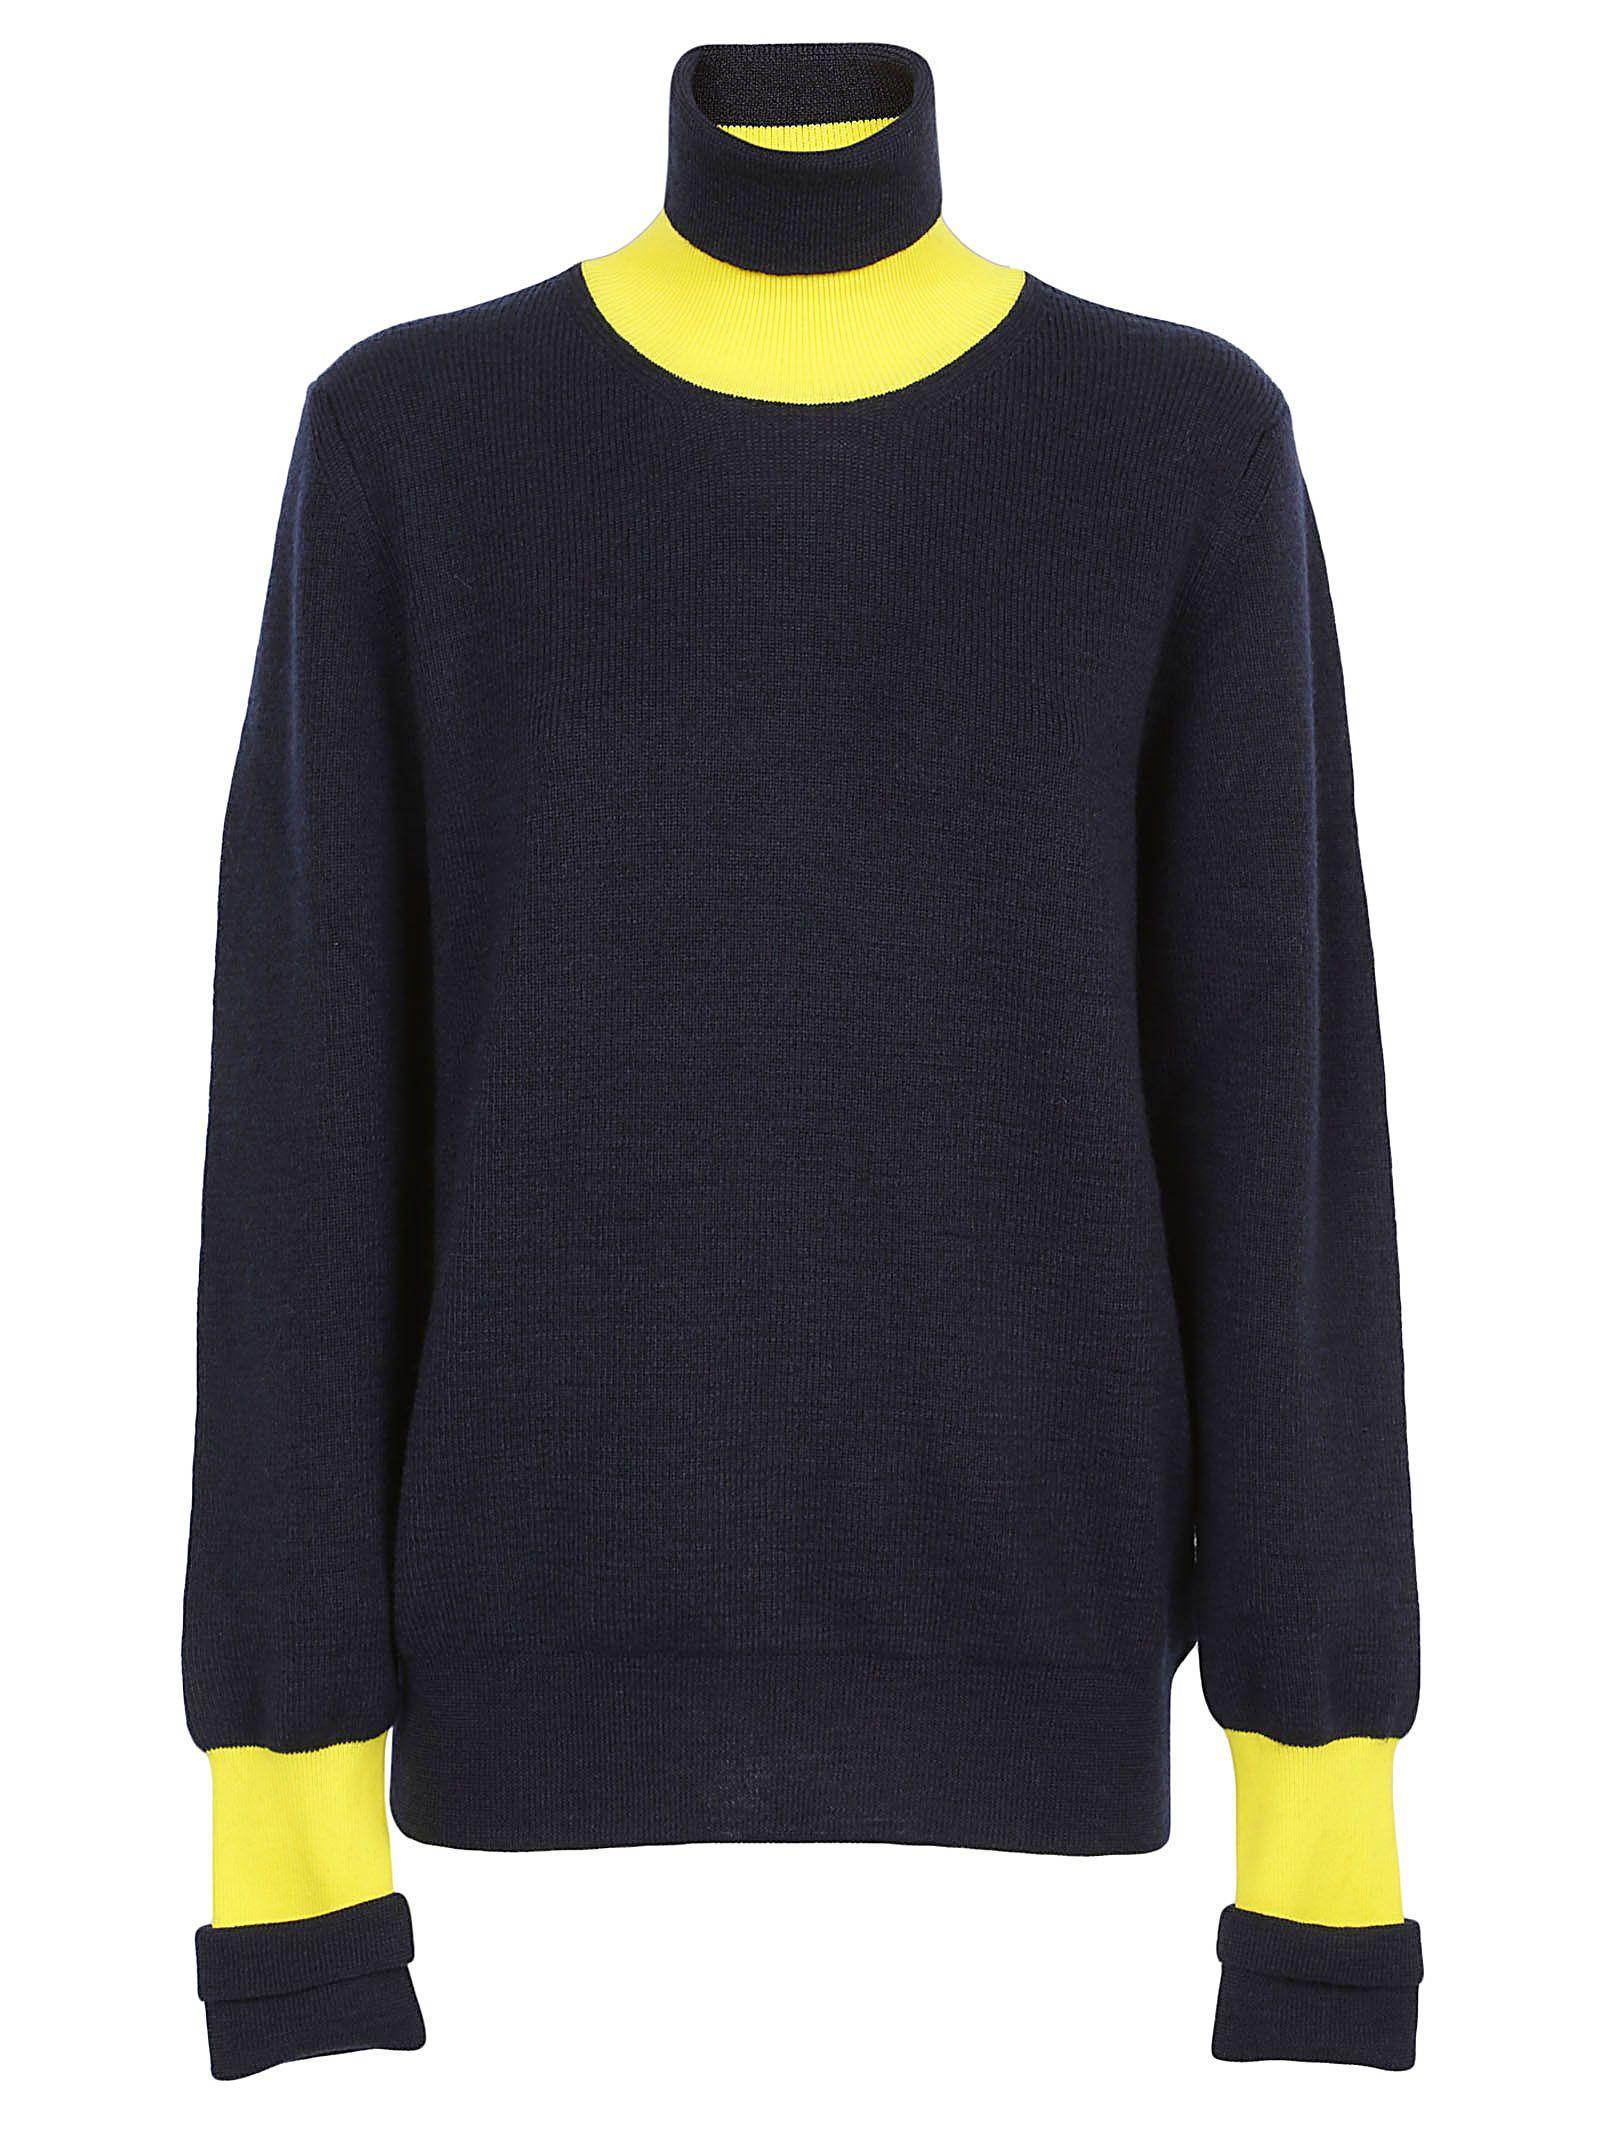 Maison Margiela Knitwear In Blue/yellow